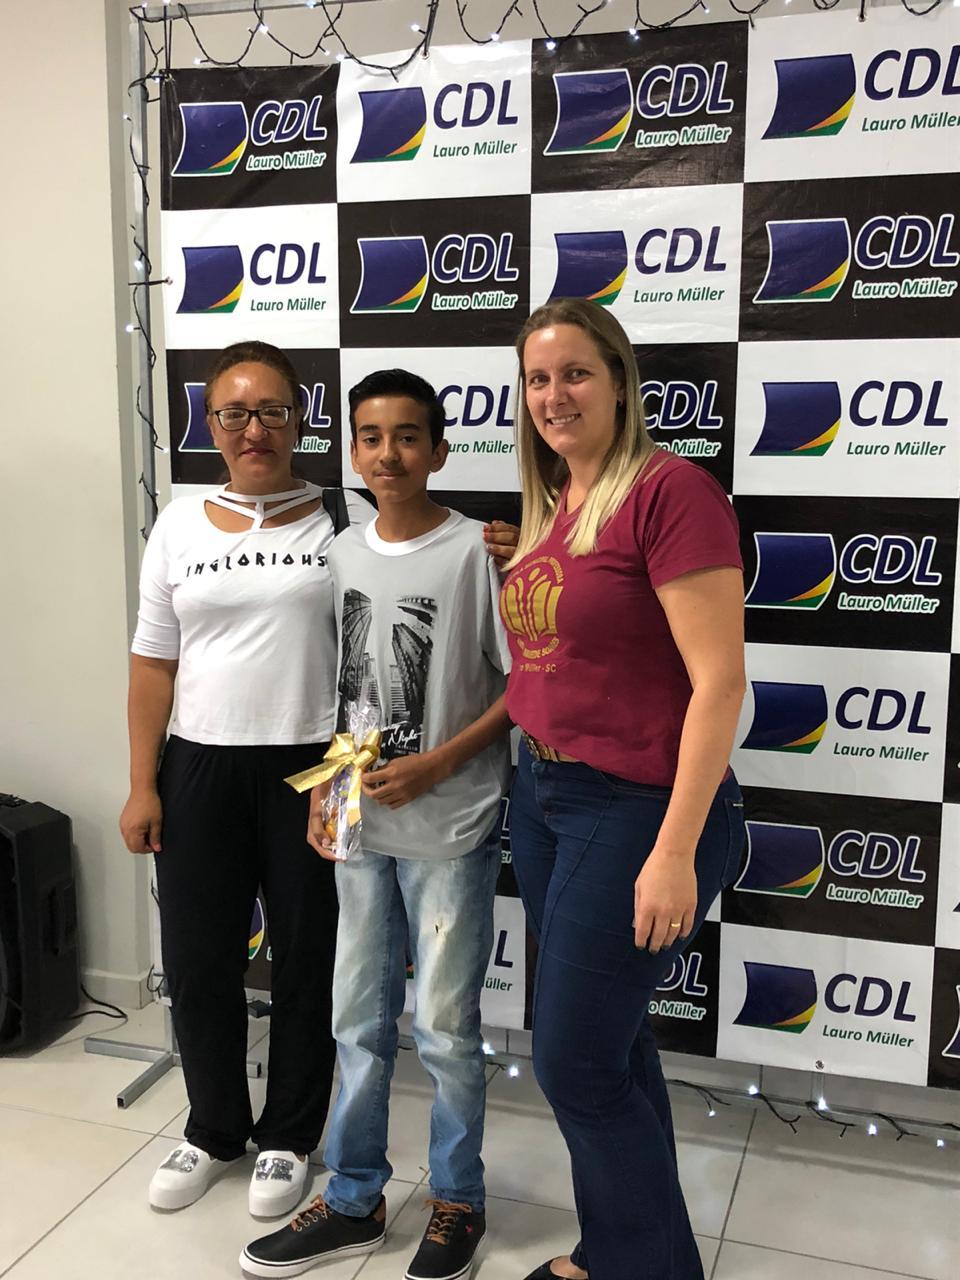 CDL premia ações de sensibilização ambiental em escolas municipais de Lauro Müller (11)